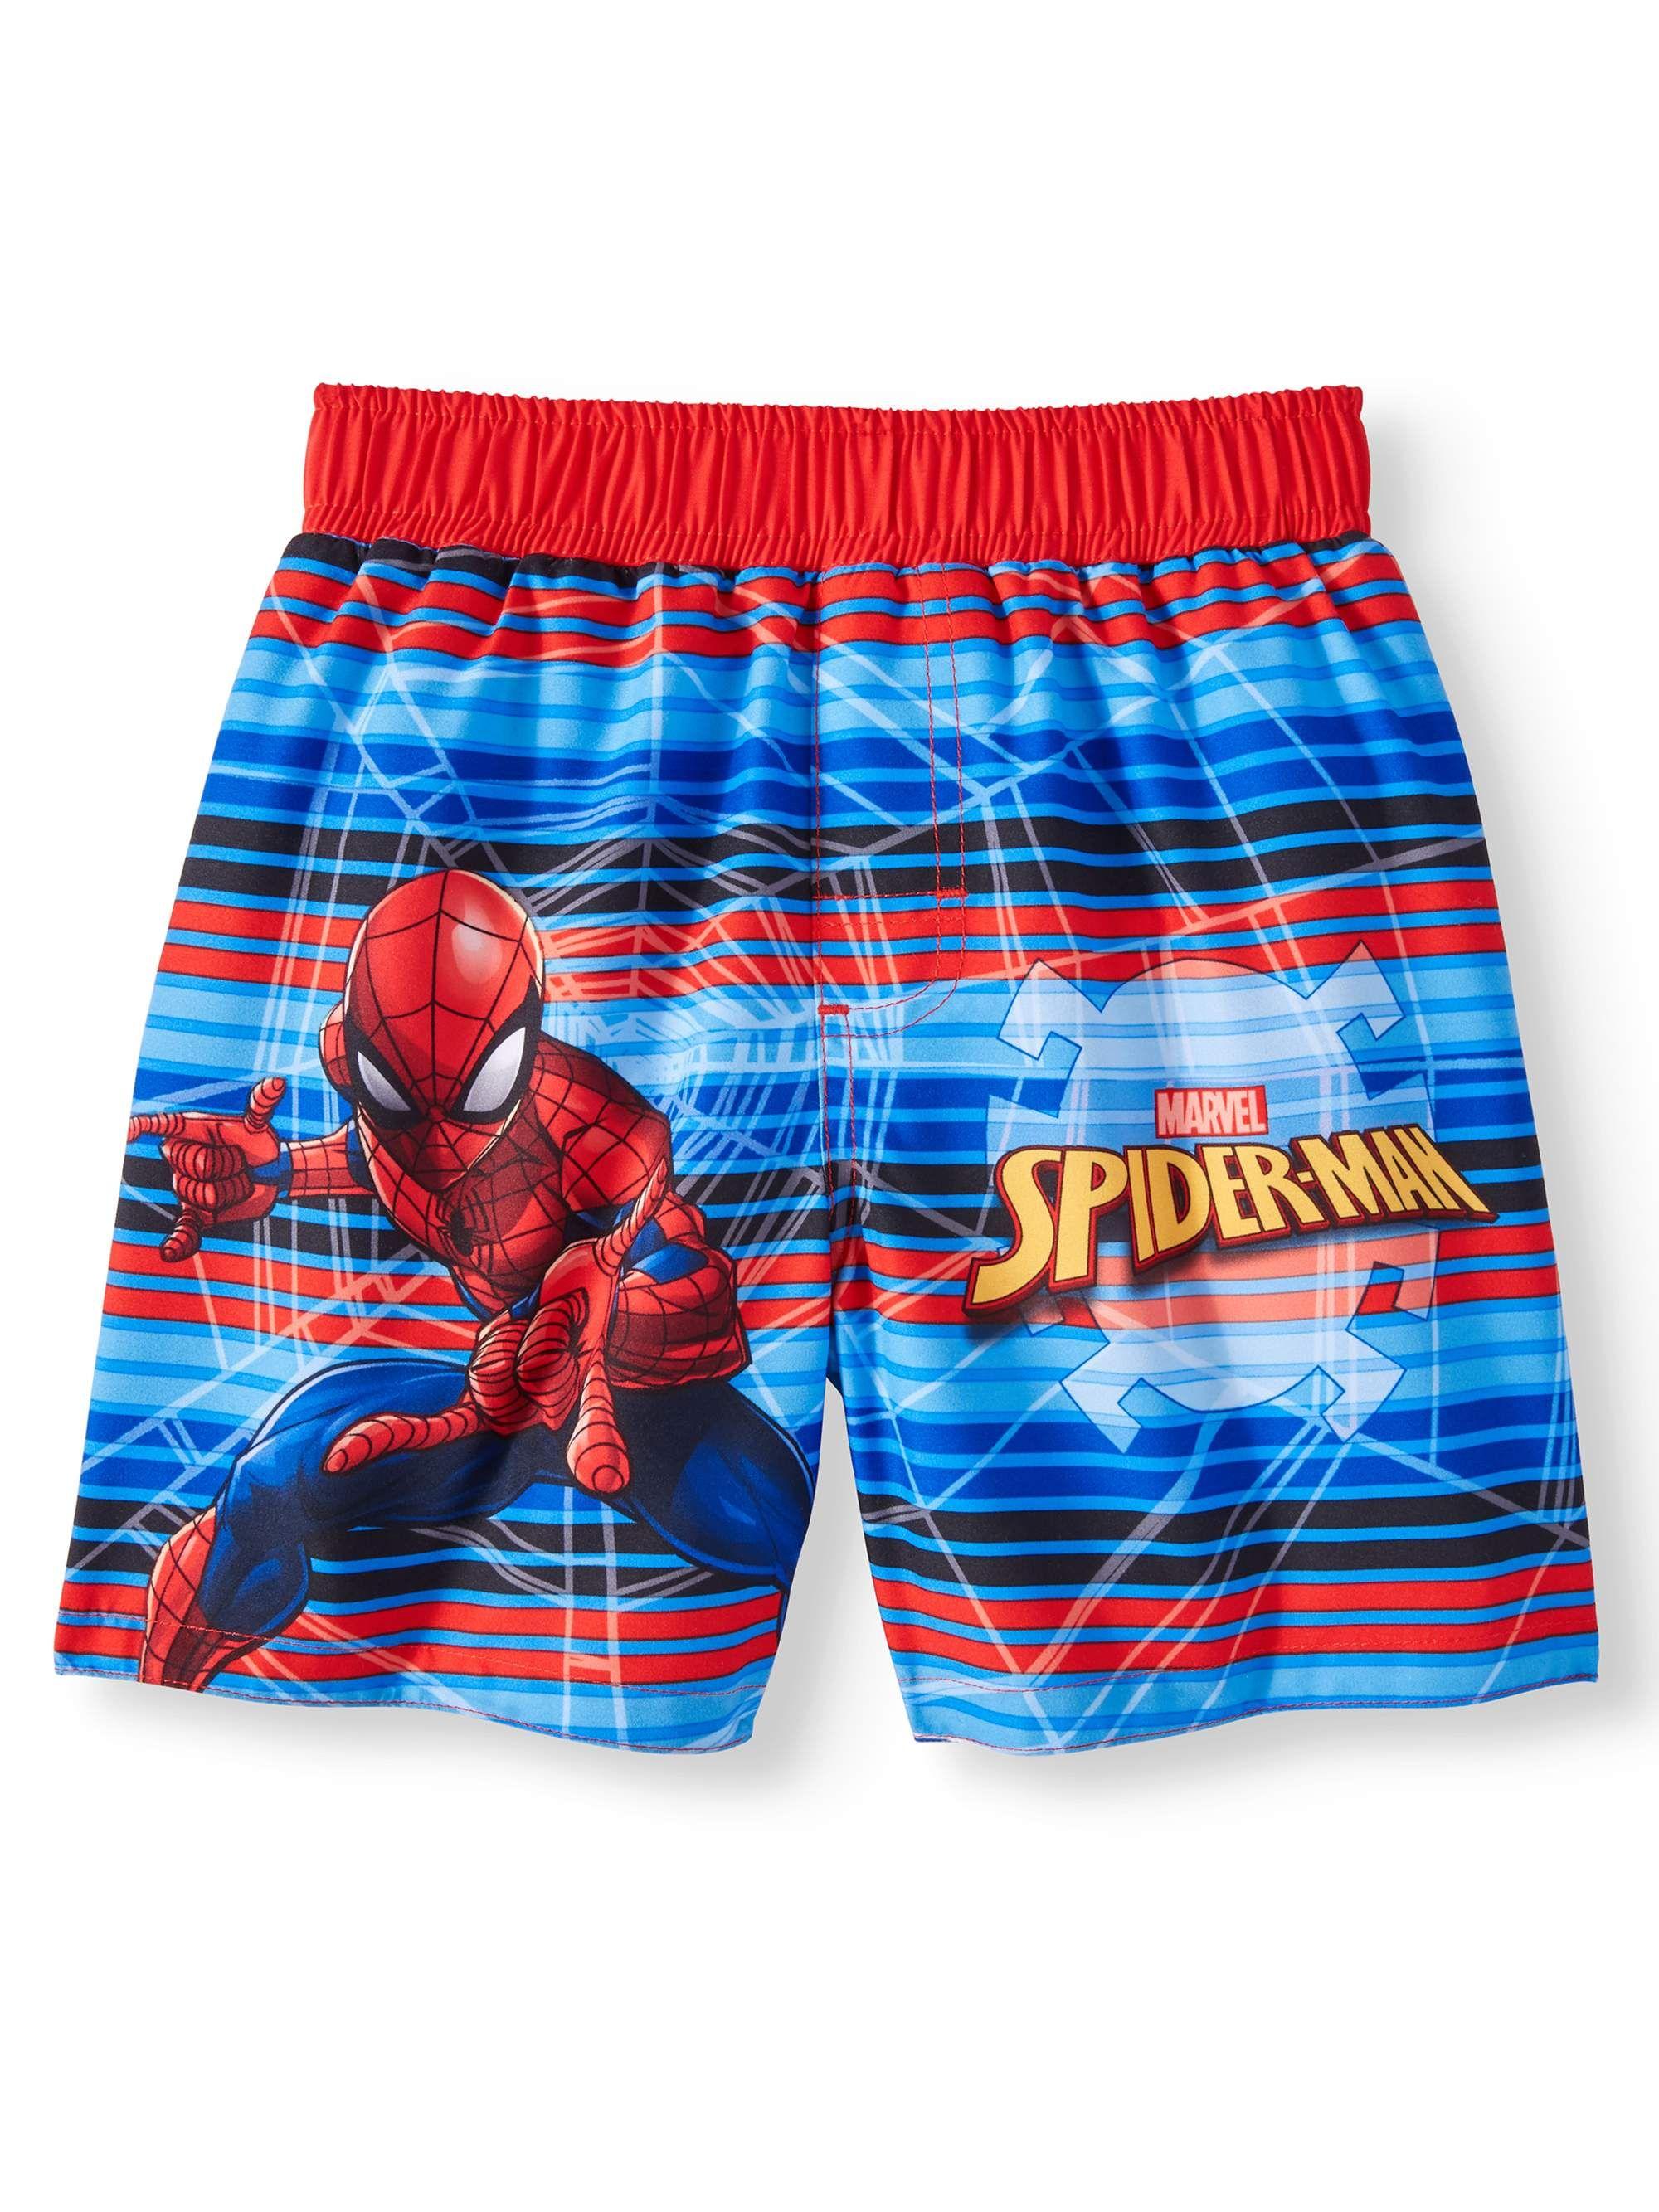 SPIDERMAN Toddler Boys 2 3 2T 3T Bathing Suit Swim Trunks Shorts Bottoms Marvel